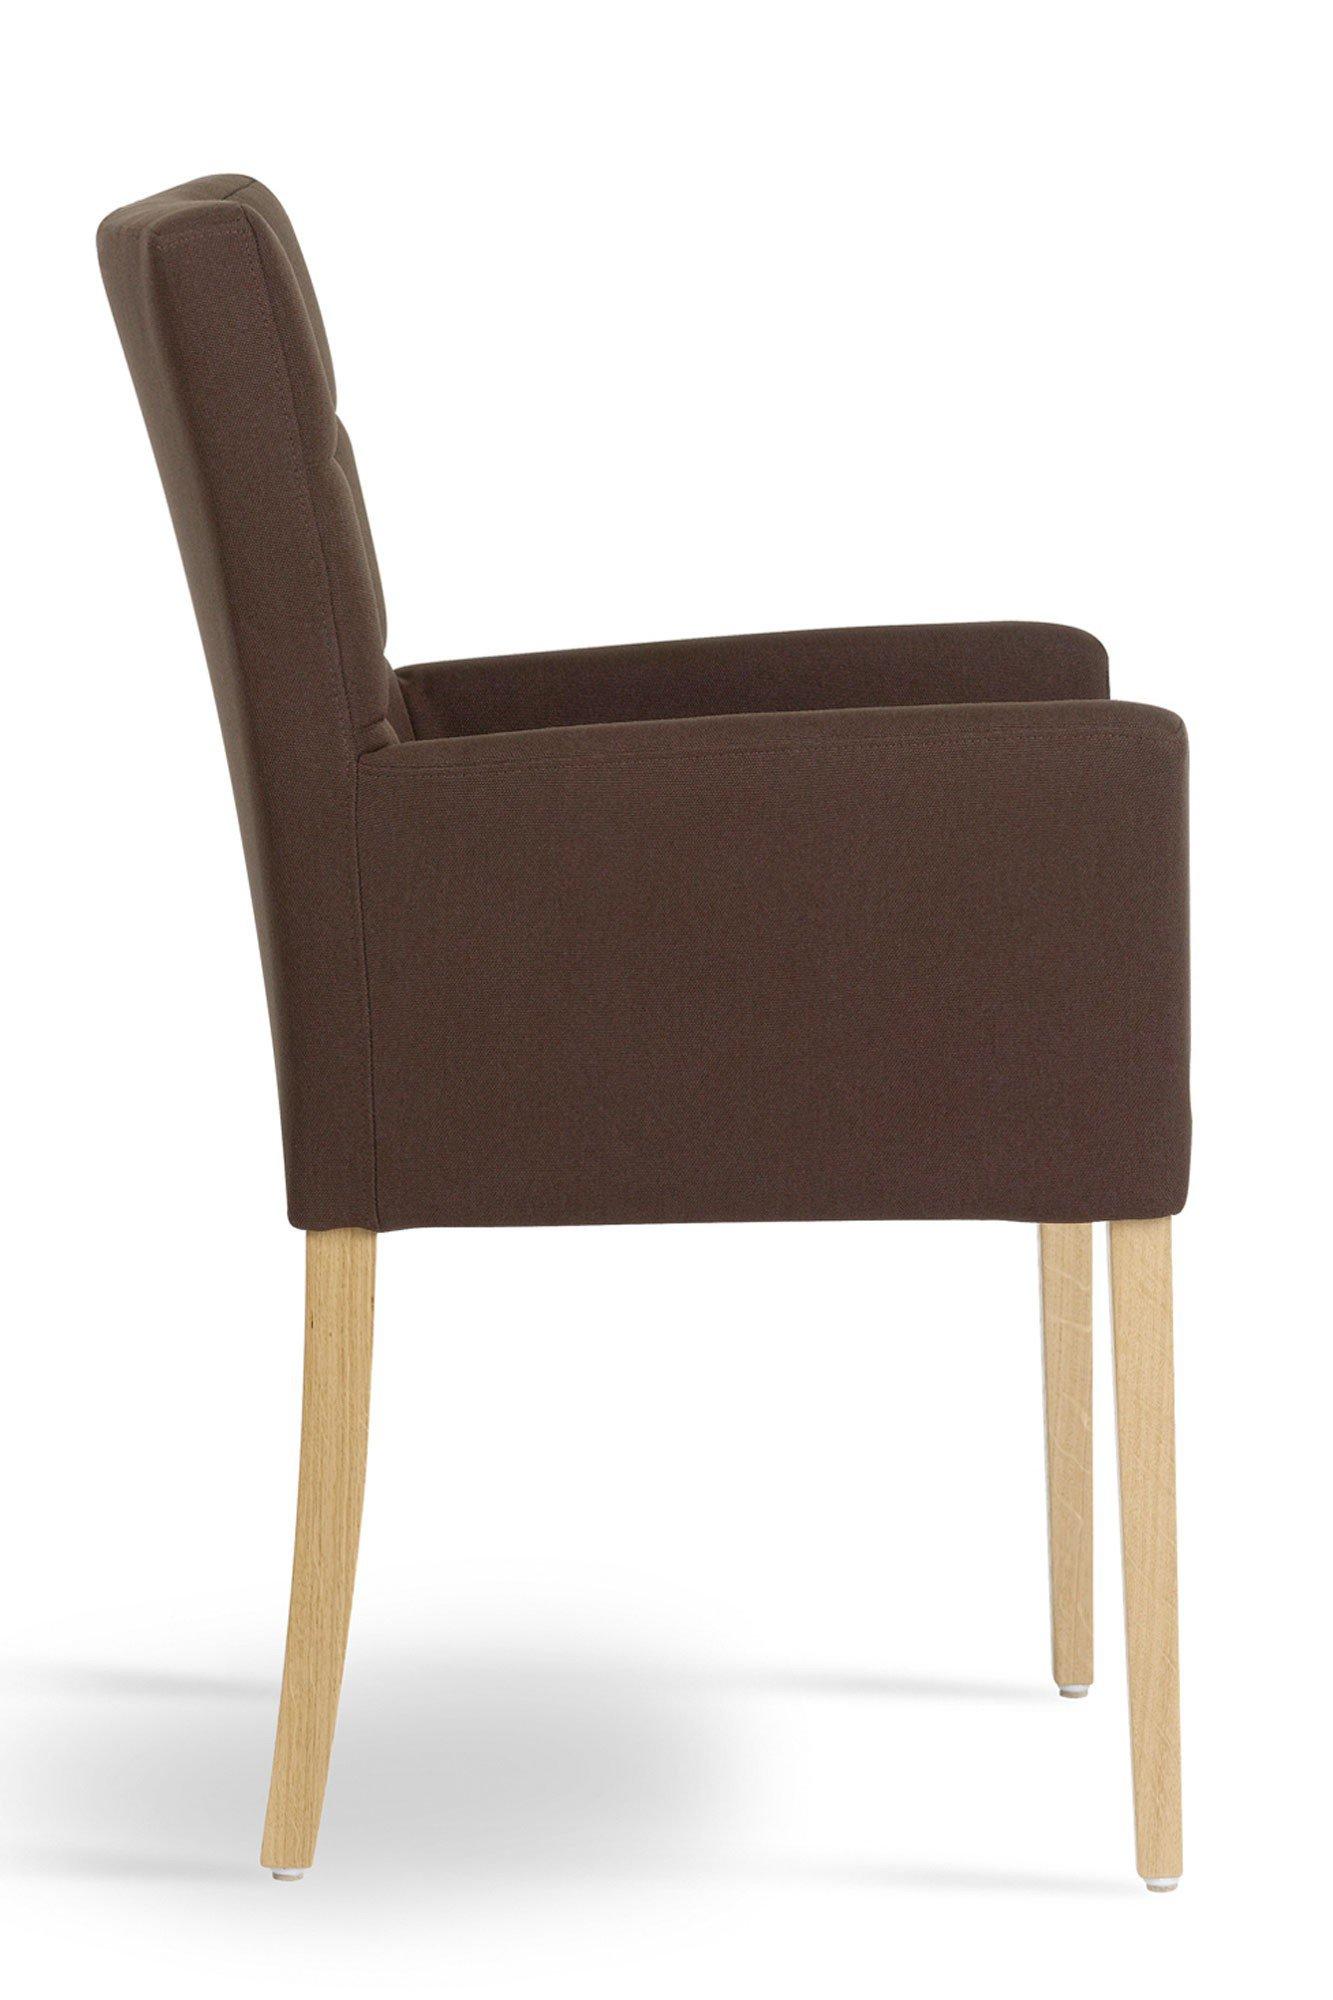 mobitec stuhl karre mit armlehnen und hoher lehne brown eiche m bel letz ihr online shop. Black Bedroom Furniture Sets. Home Design Ideas